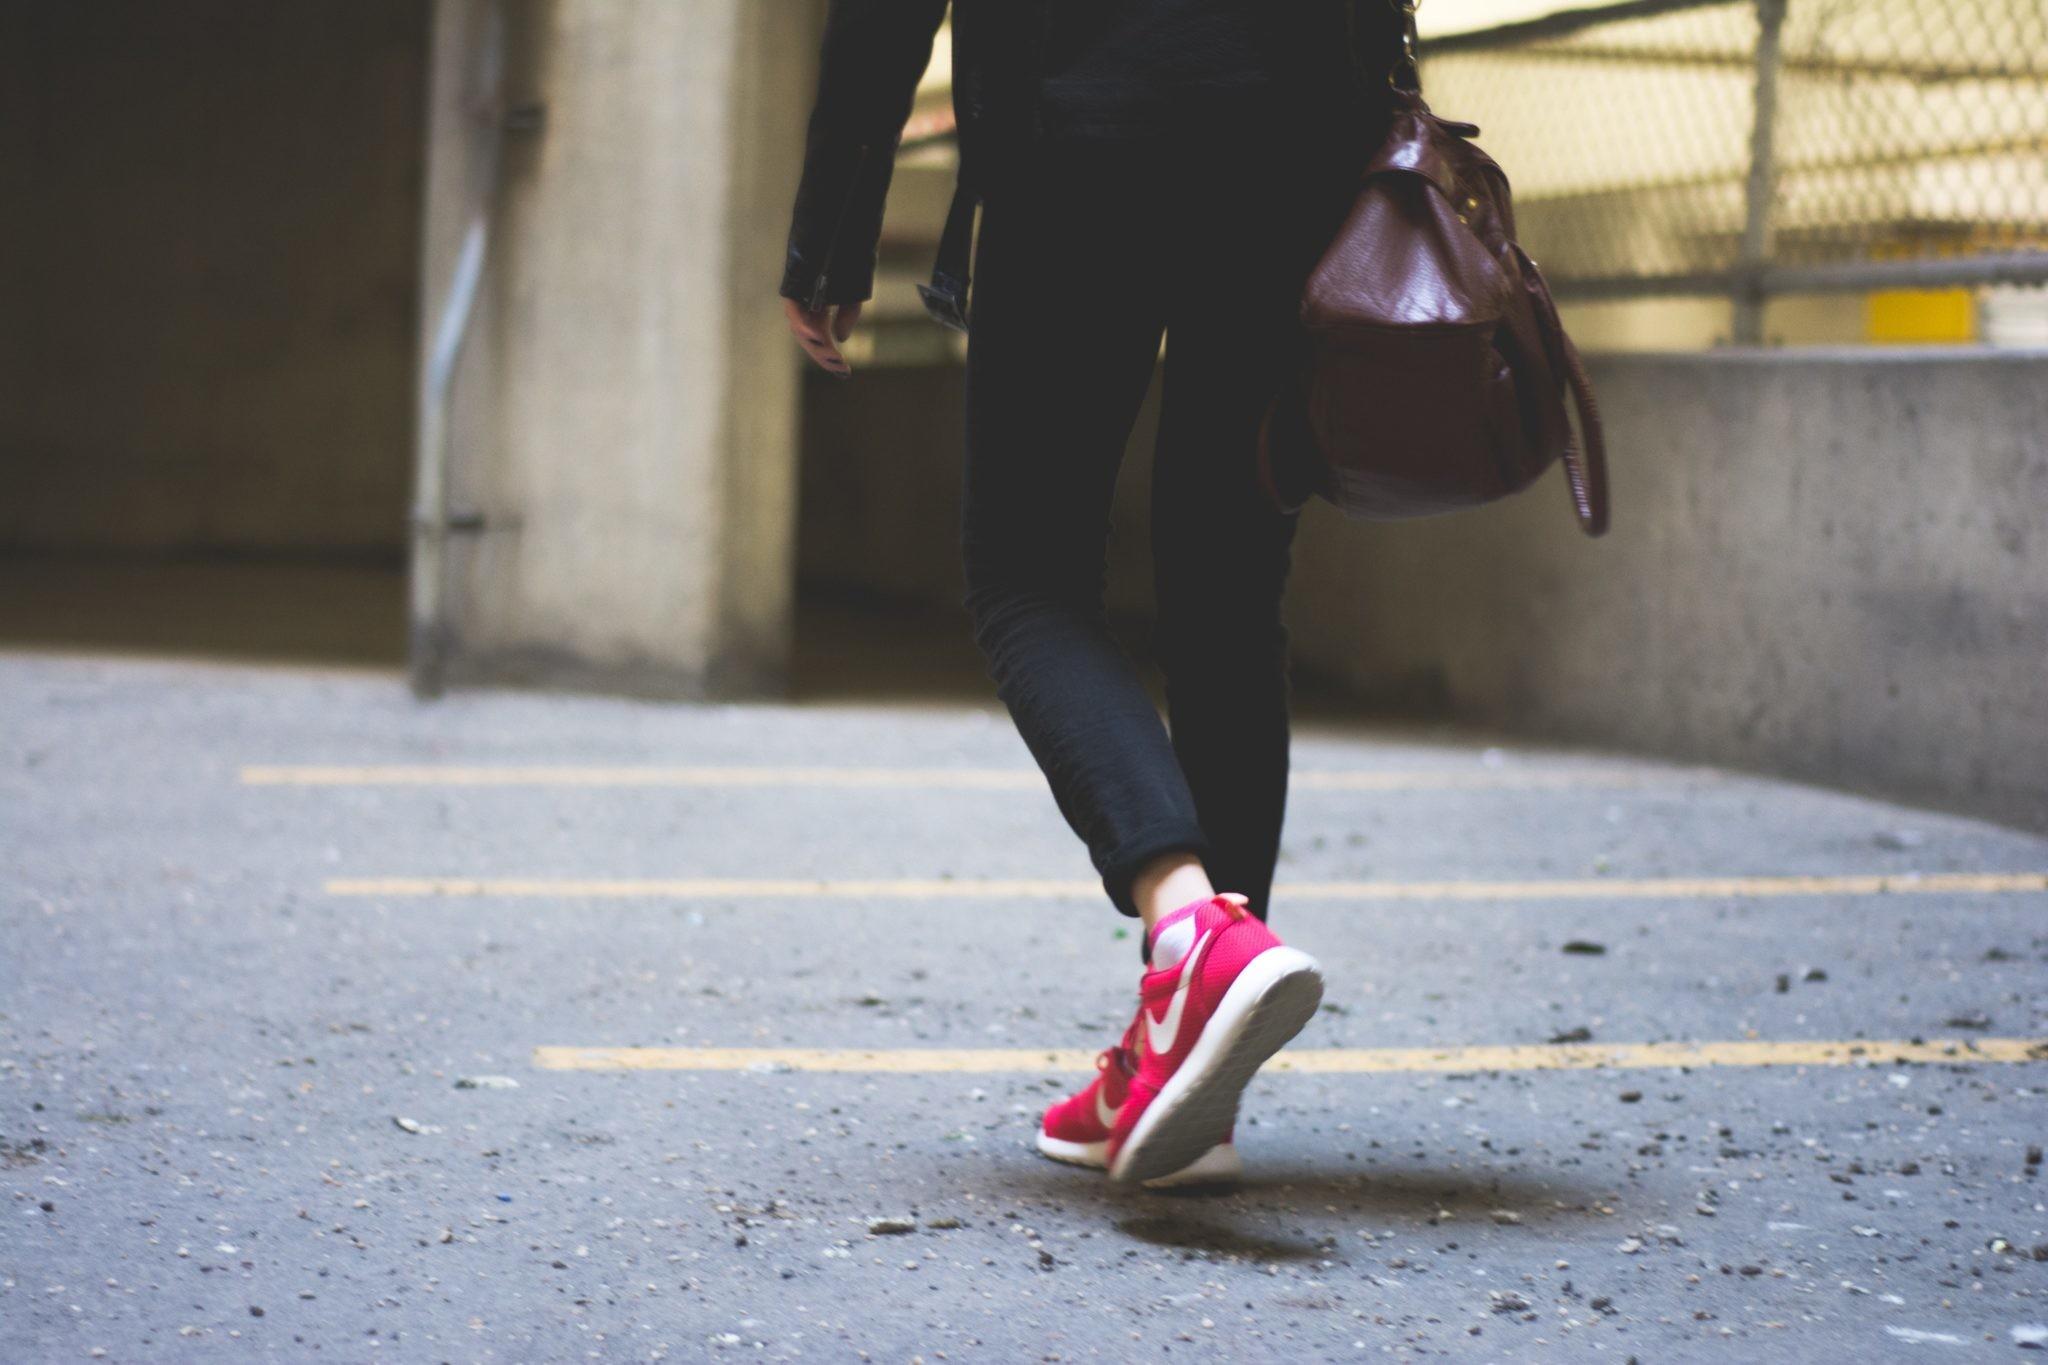 Факт дня: 15-минутная прогулка может продлить жизнь